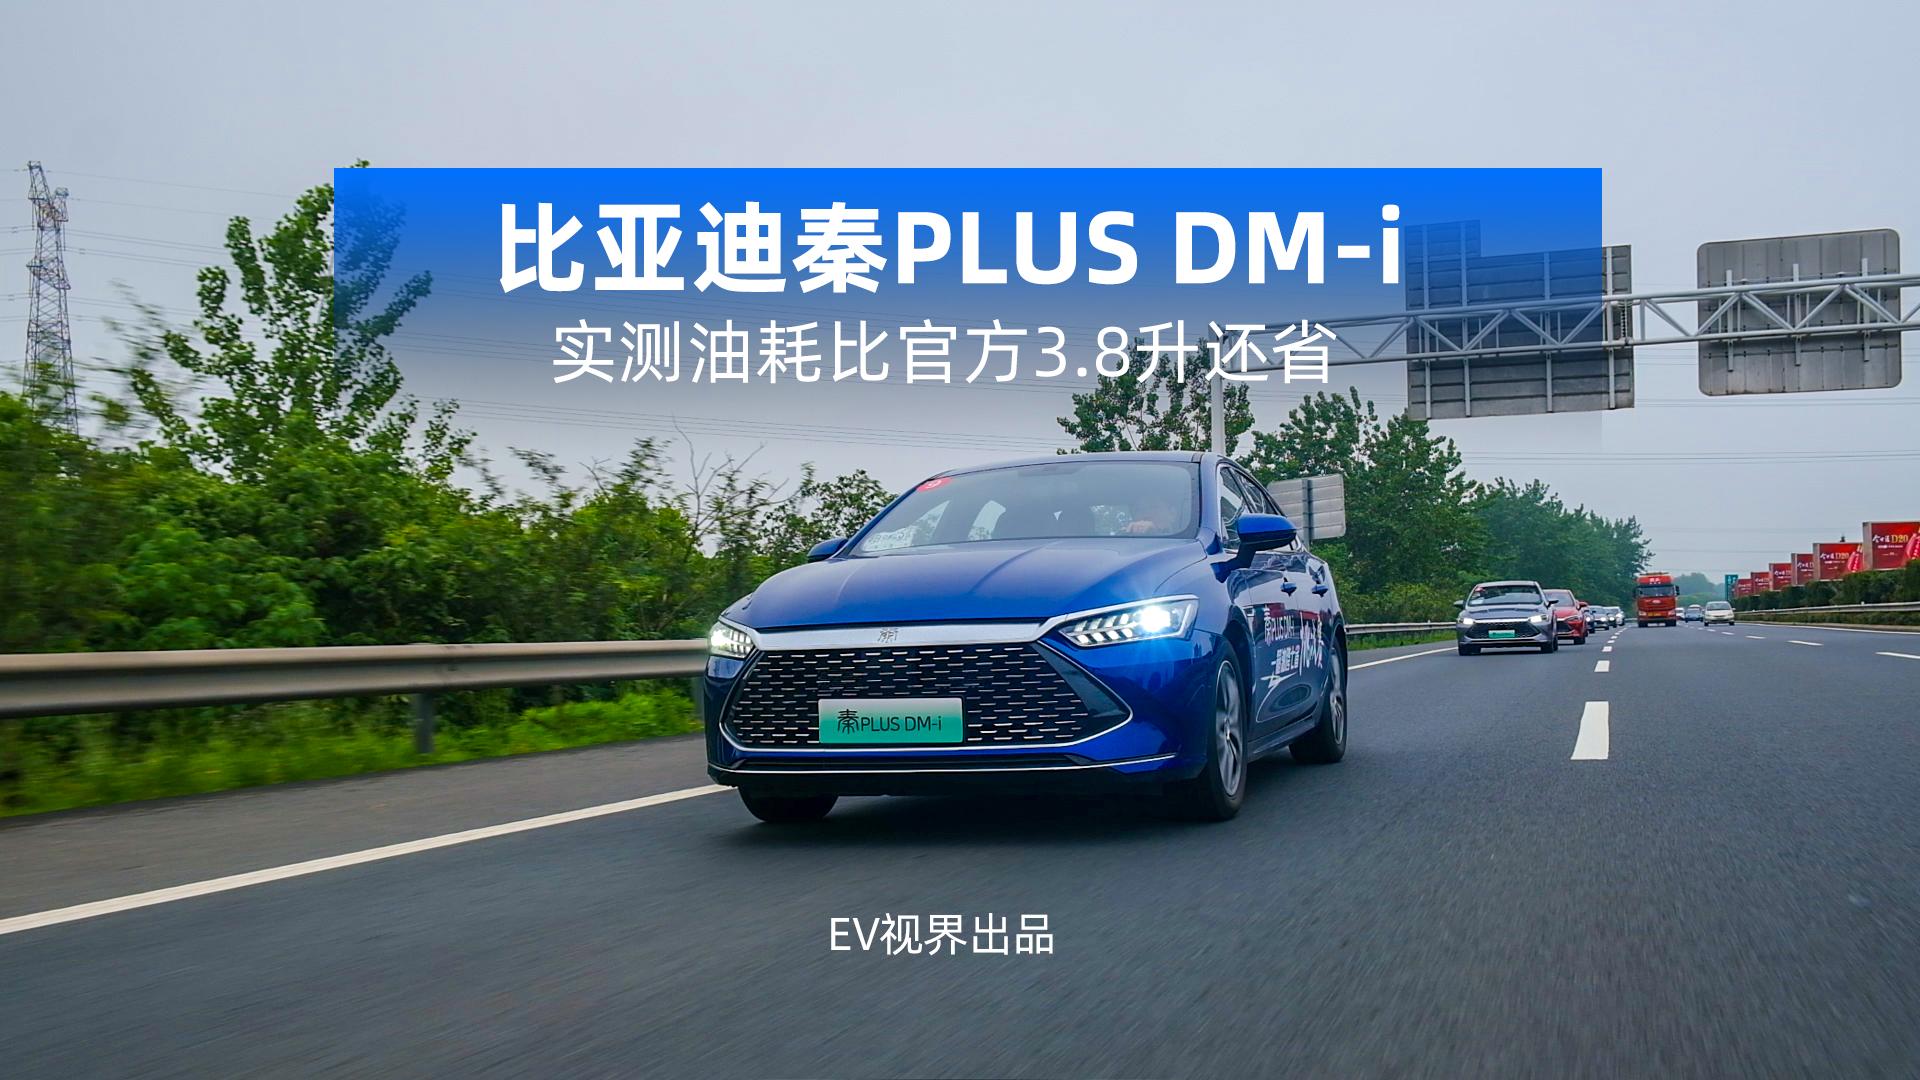 一箱油跨7省,秦PLUS DM-i实测油耗比官方3.8升还省